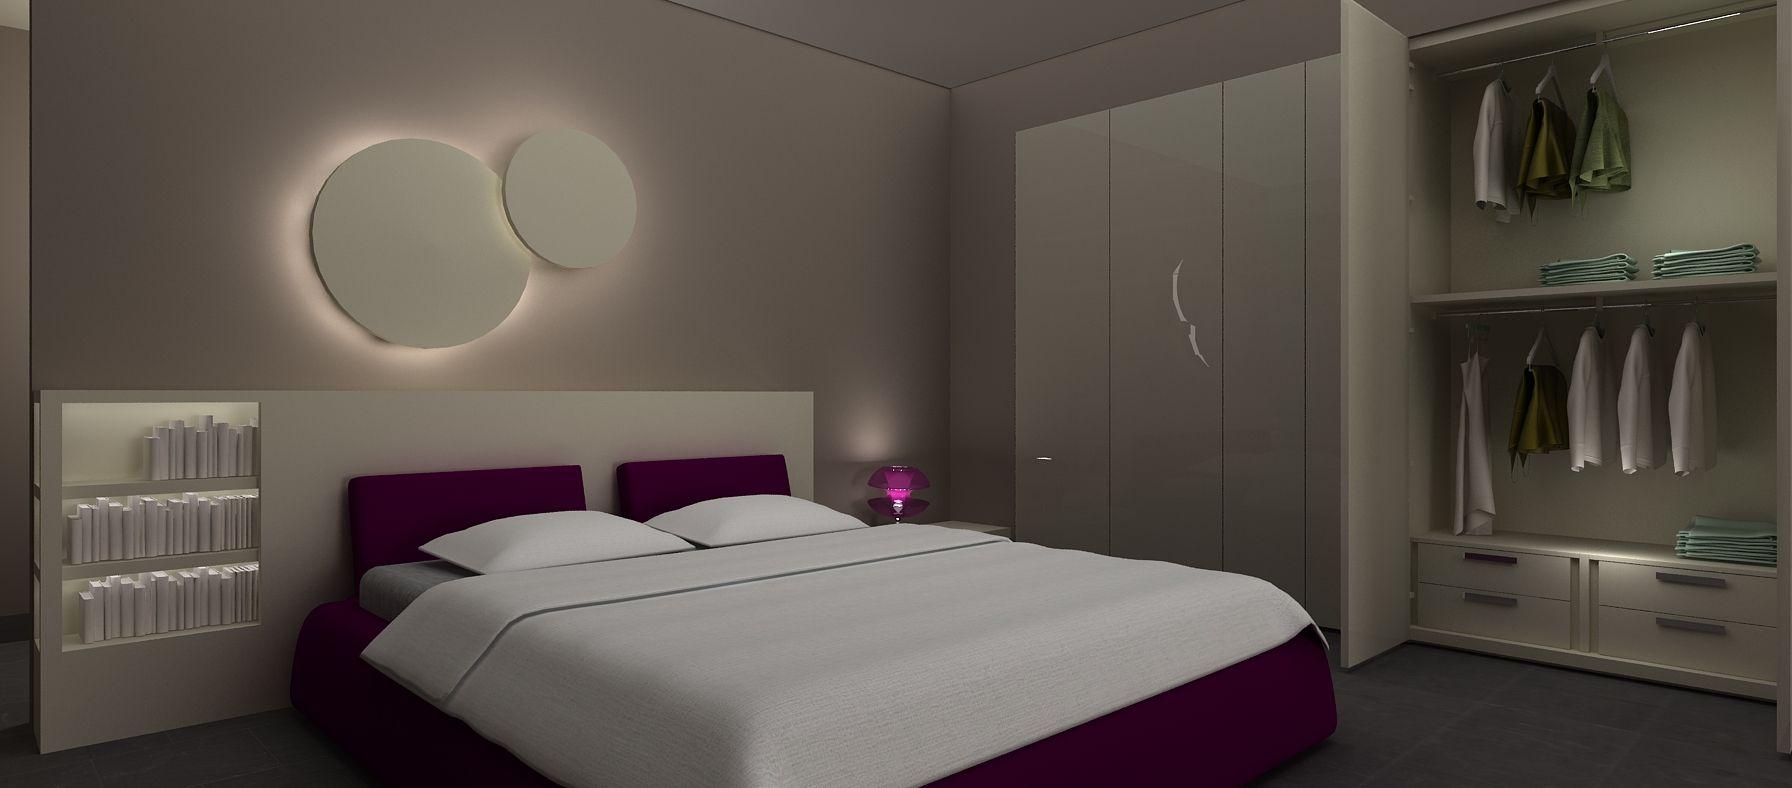 Il progetto prevede una sorta di parate attrezzata in - Cartongesso stanza da letto ...